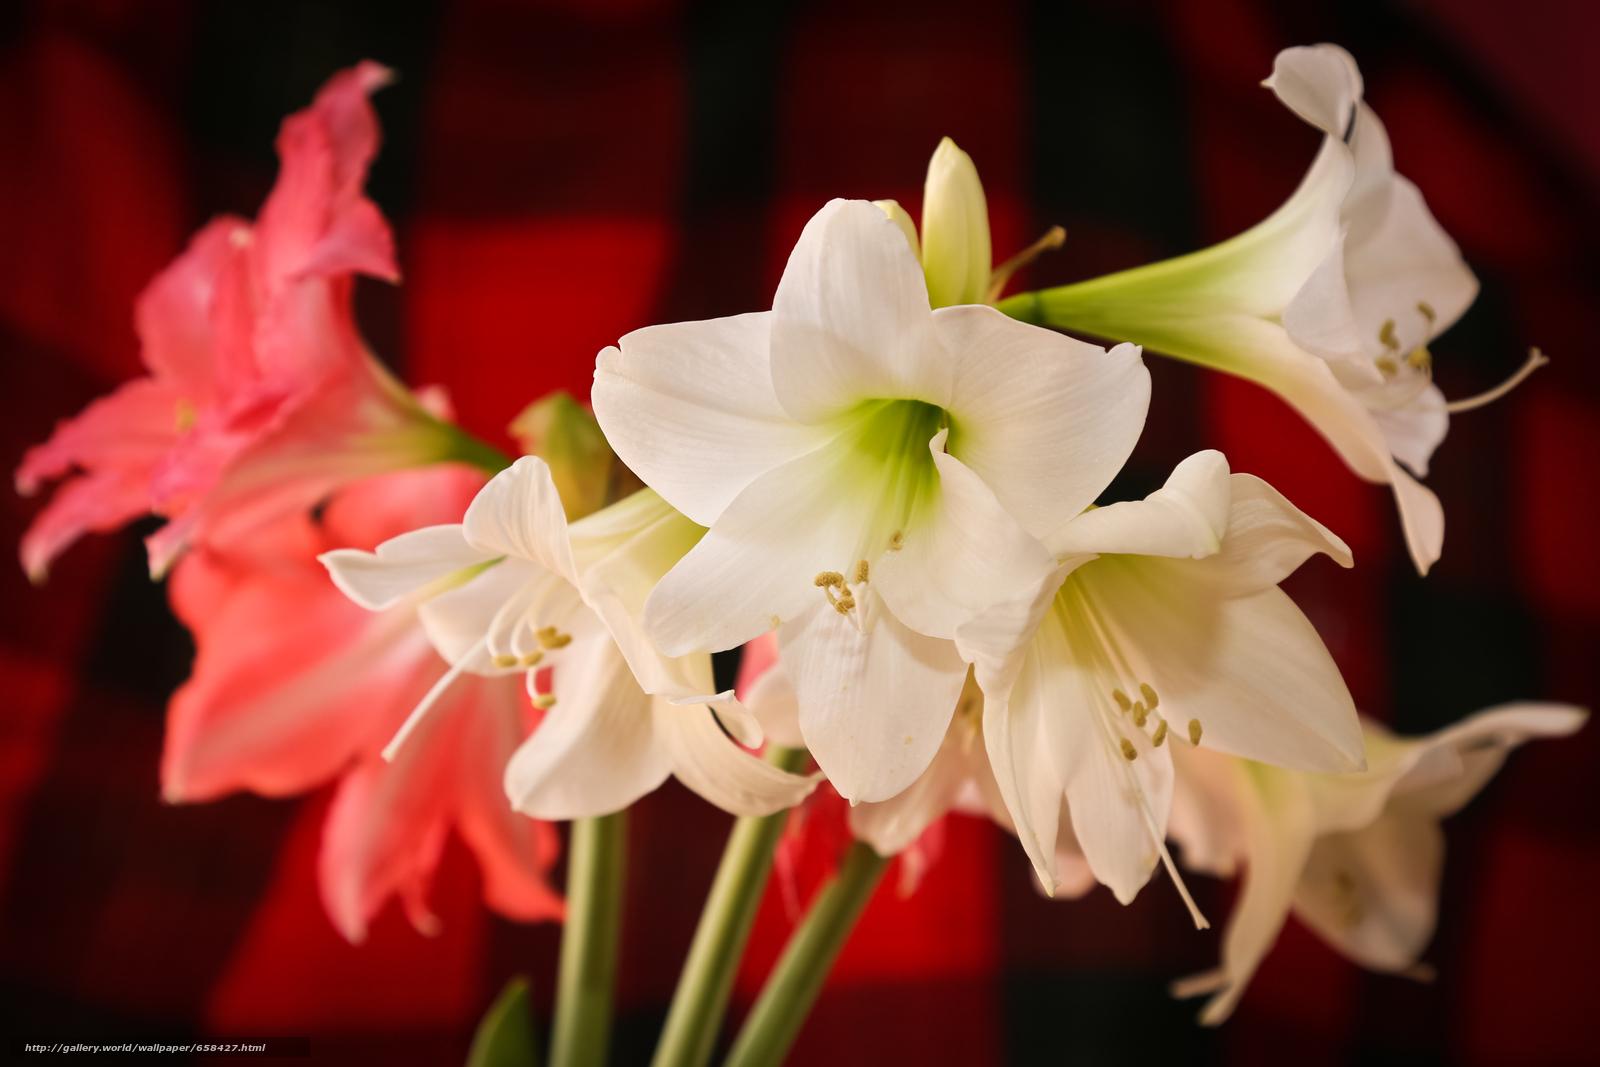 Скачать обои цветок,  цветы,  флора,  лилии бесплатно для рабочего стола в разрешении 4898x3265 — картинка №658427